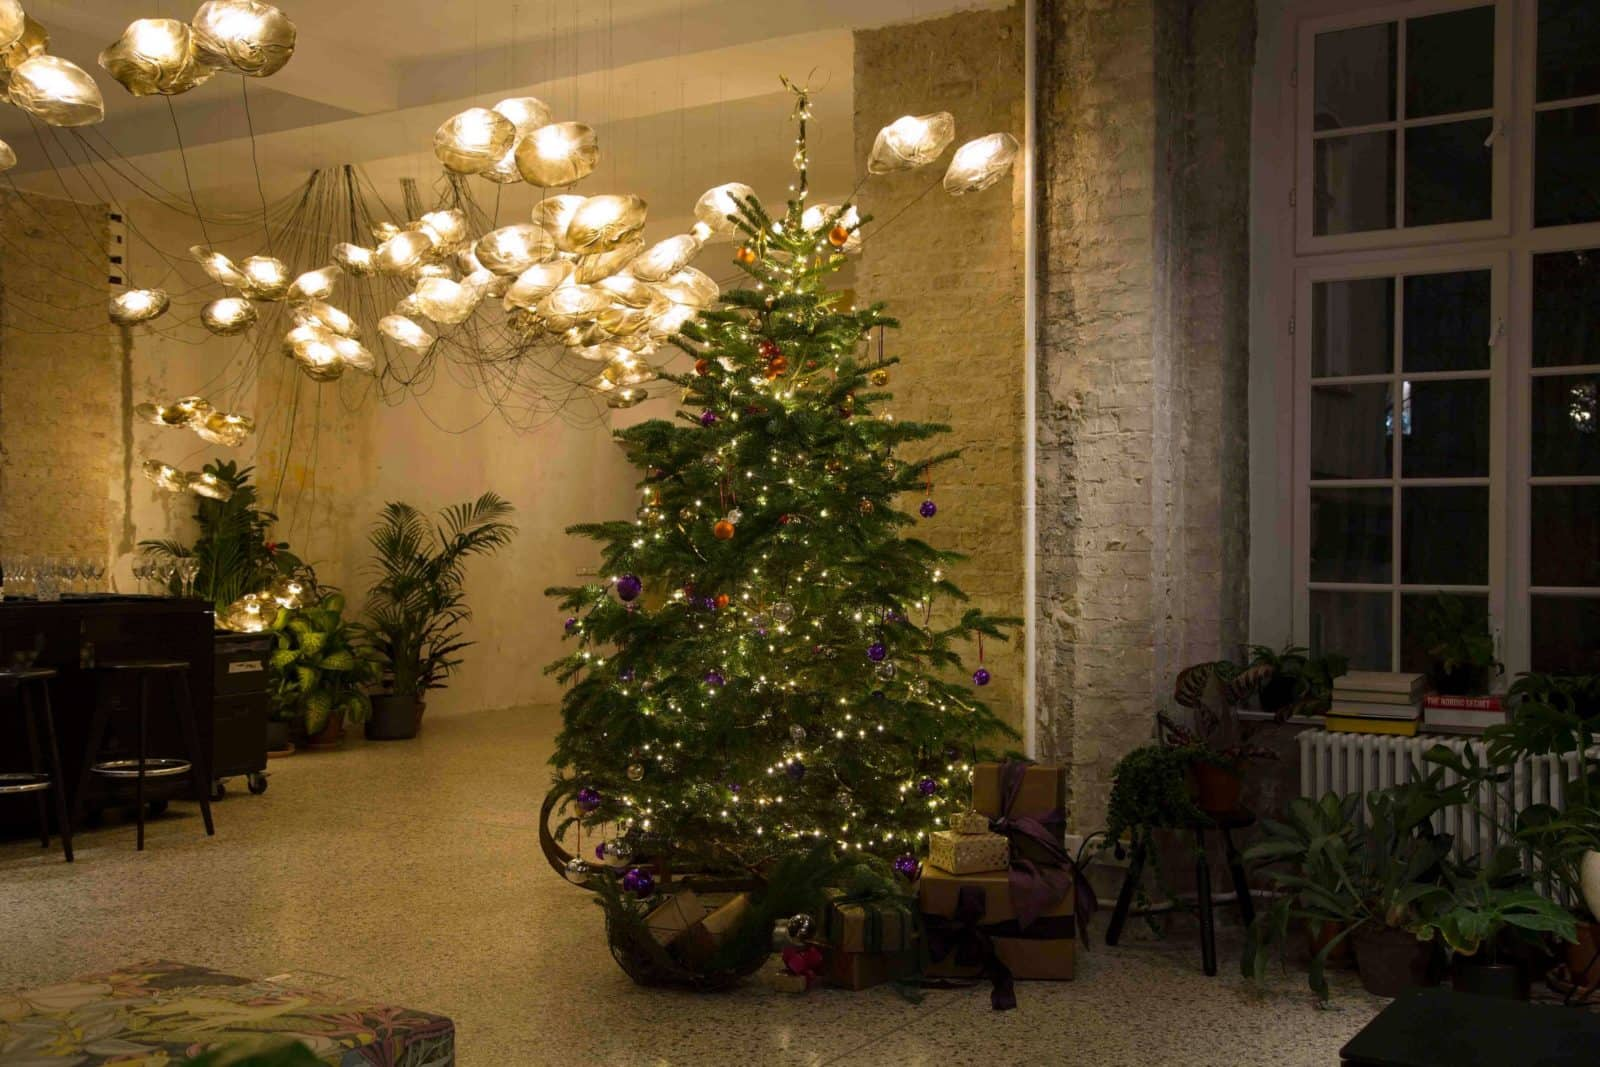 Wir lieben Weihnachten und freuen uns jedes Jahr wieder darüber, unsere weihnachtlichen Deko Schätze in Szene zu setzen. Miete Weihnachtsdekoration ganz einfach online.